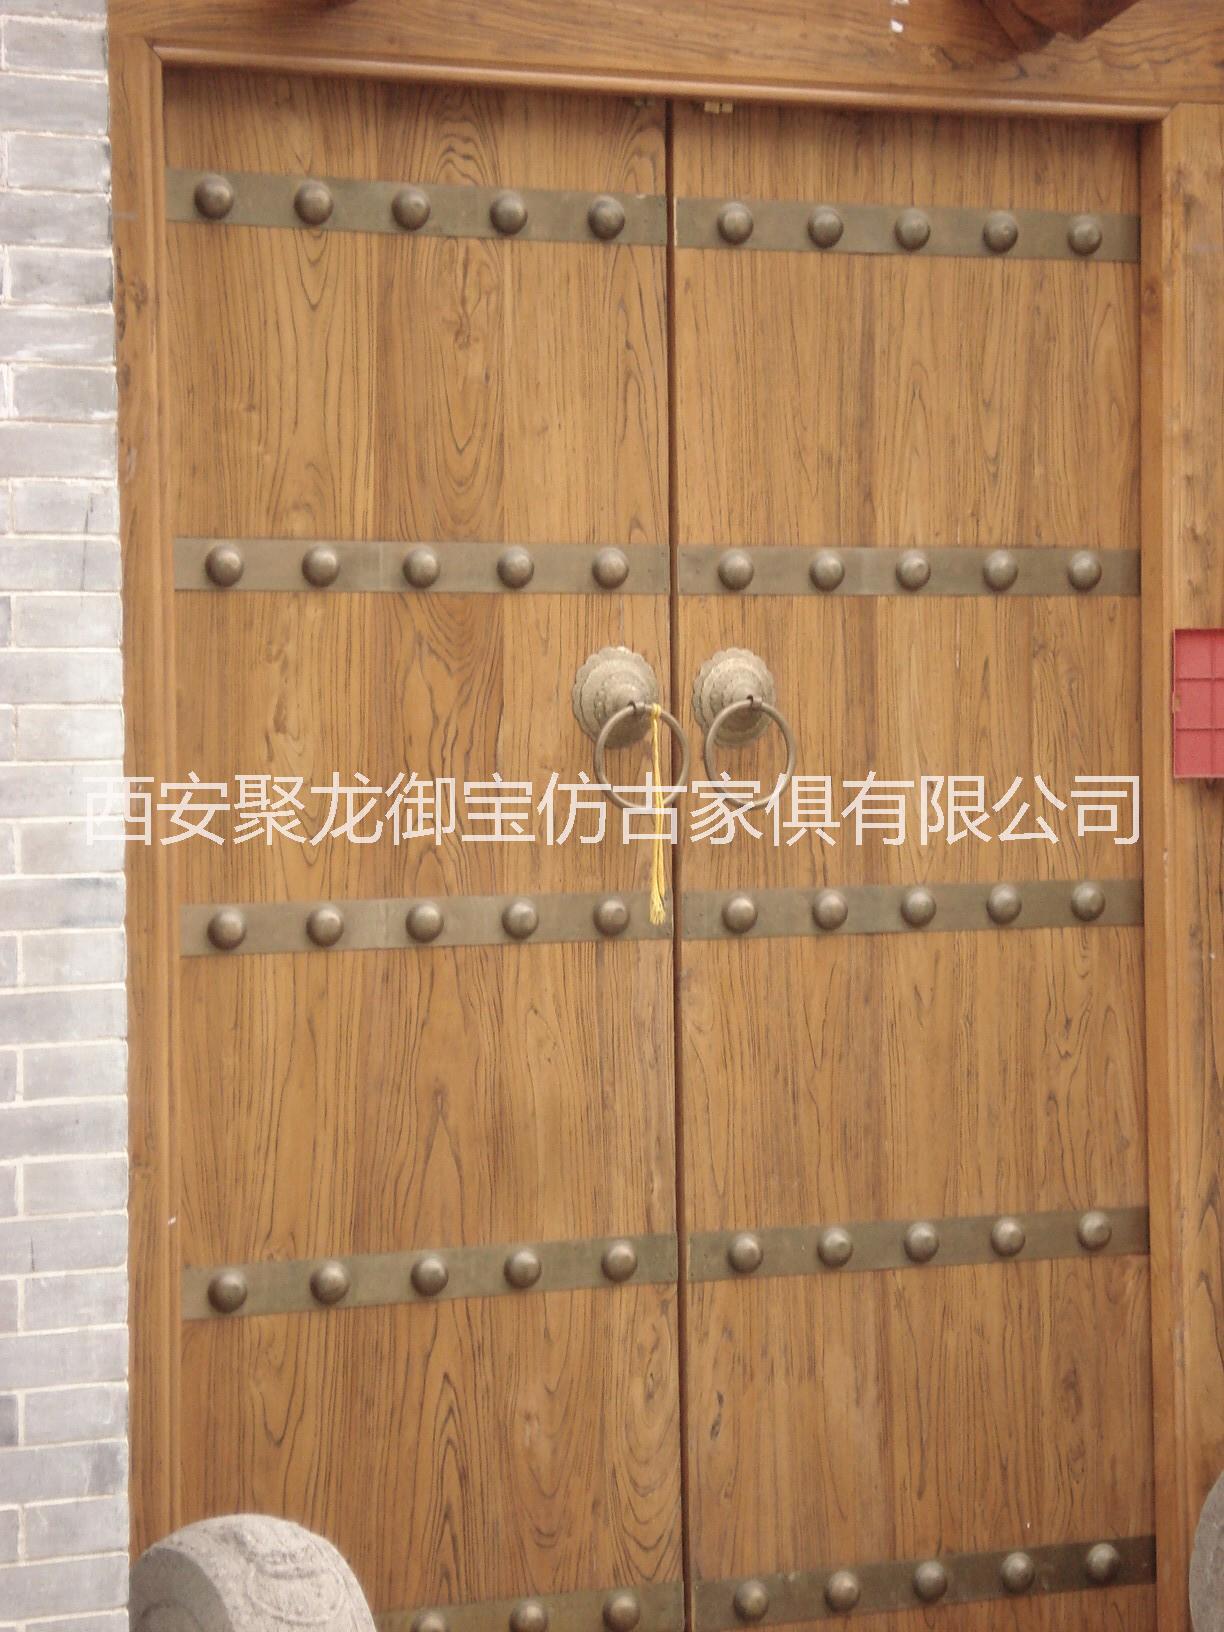 中式铜制雕刻图案